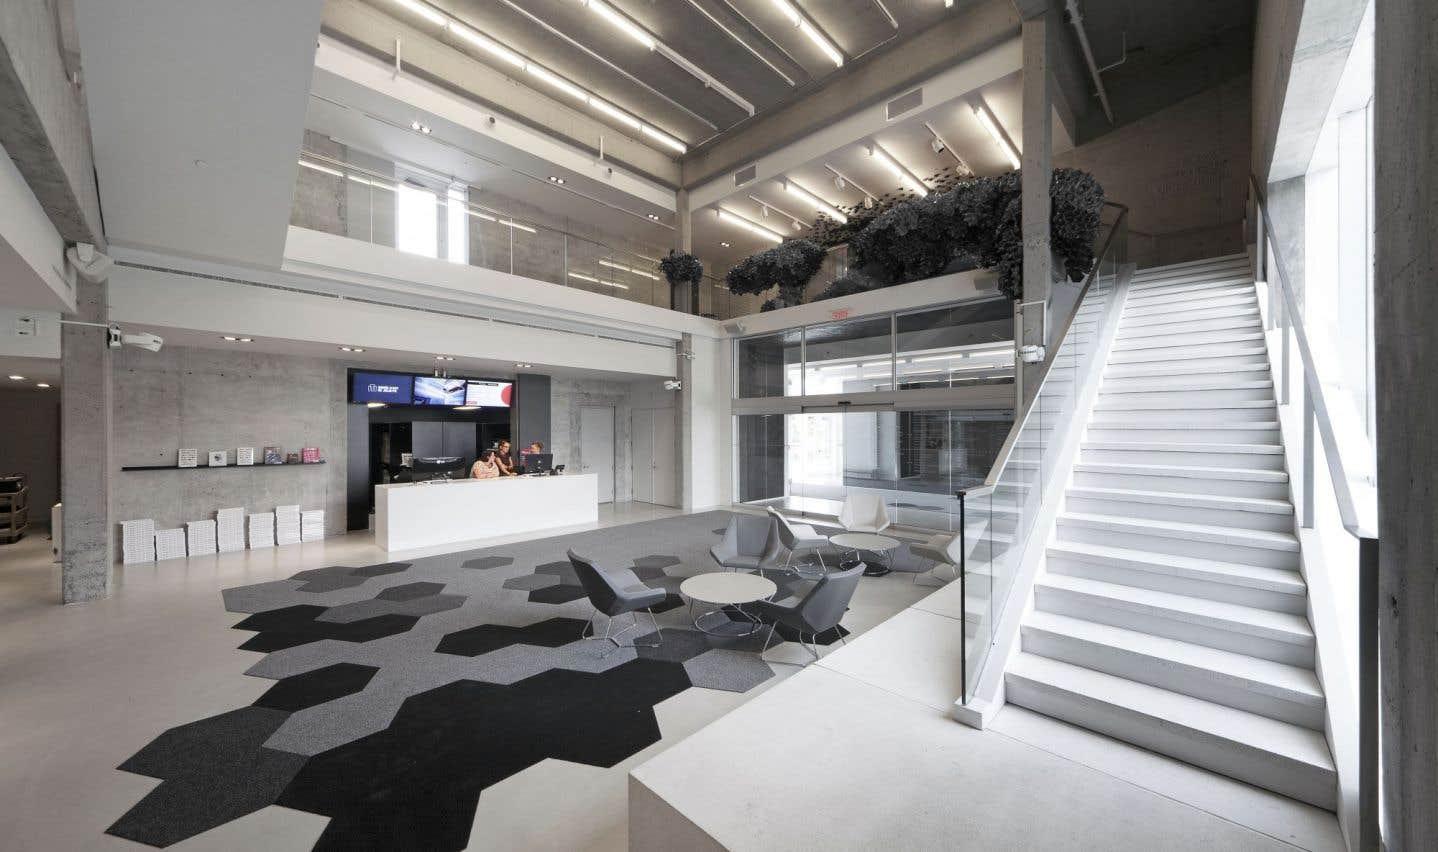 Le musée d'art de Joliette est rouvert depuis juin2015. L'architecture a été complètement repensée, et de façon magistrale. L'architecte Éric Gauthier en a fait un bâtiment ultramoderne avec de grands panneaux de verre laissant pénétrer la lumière à profusion.